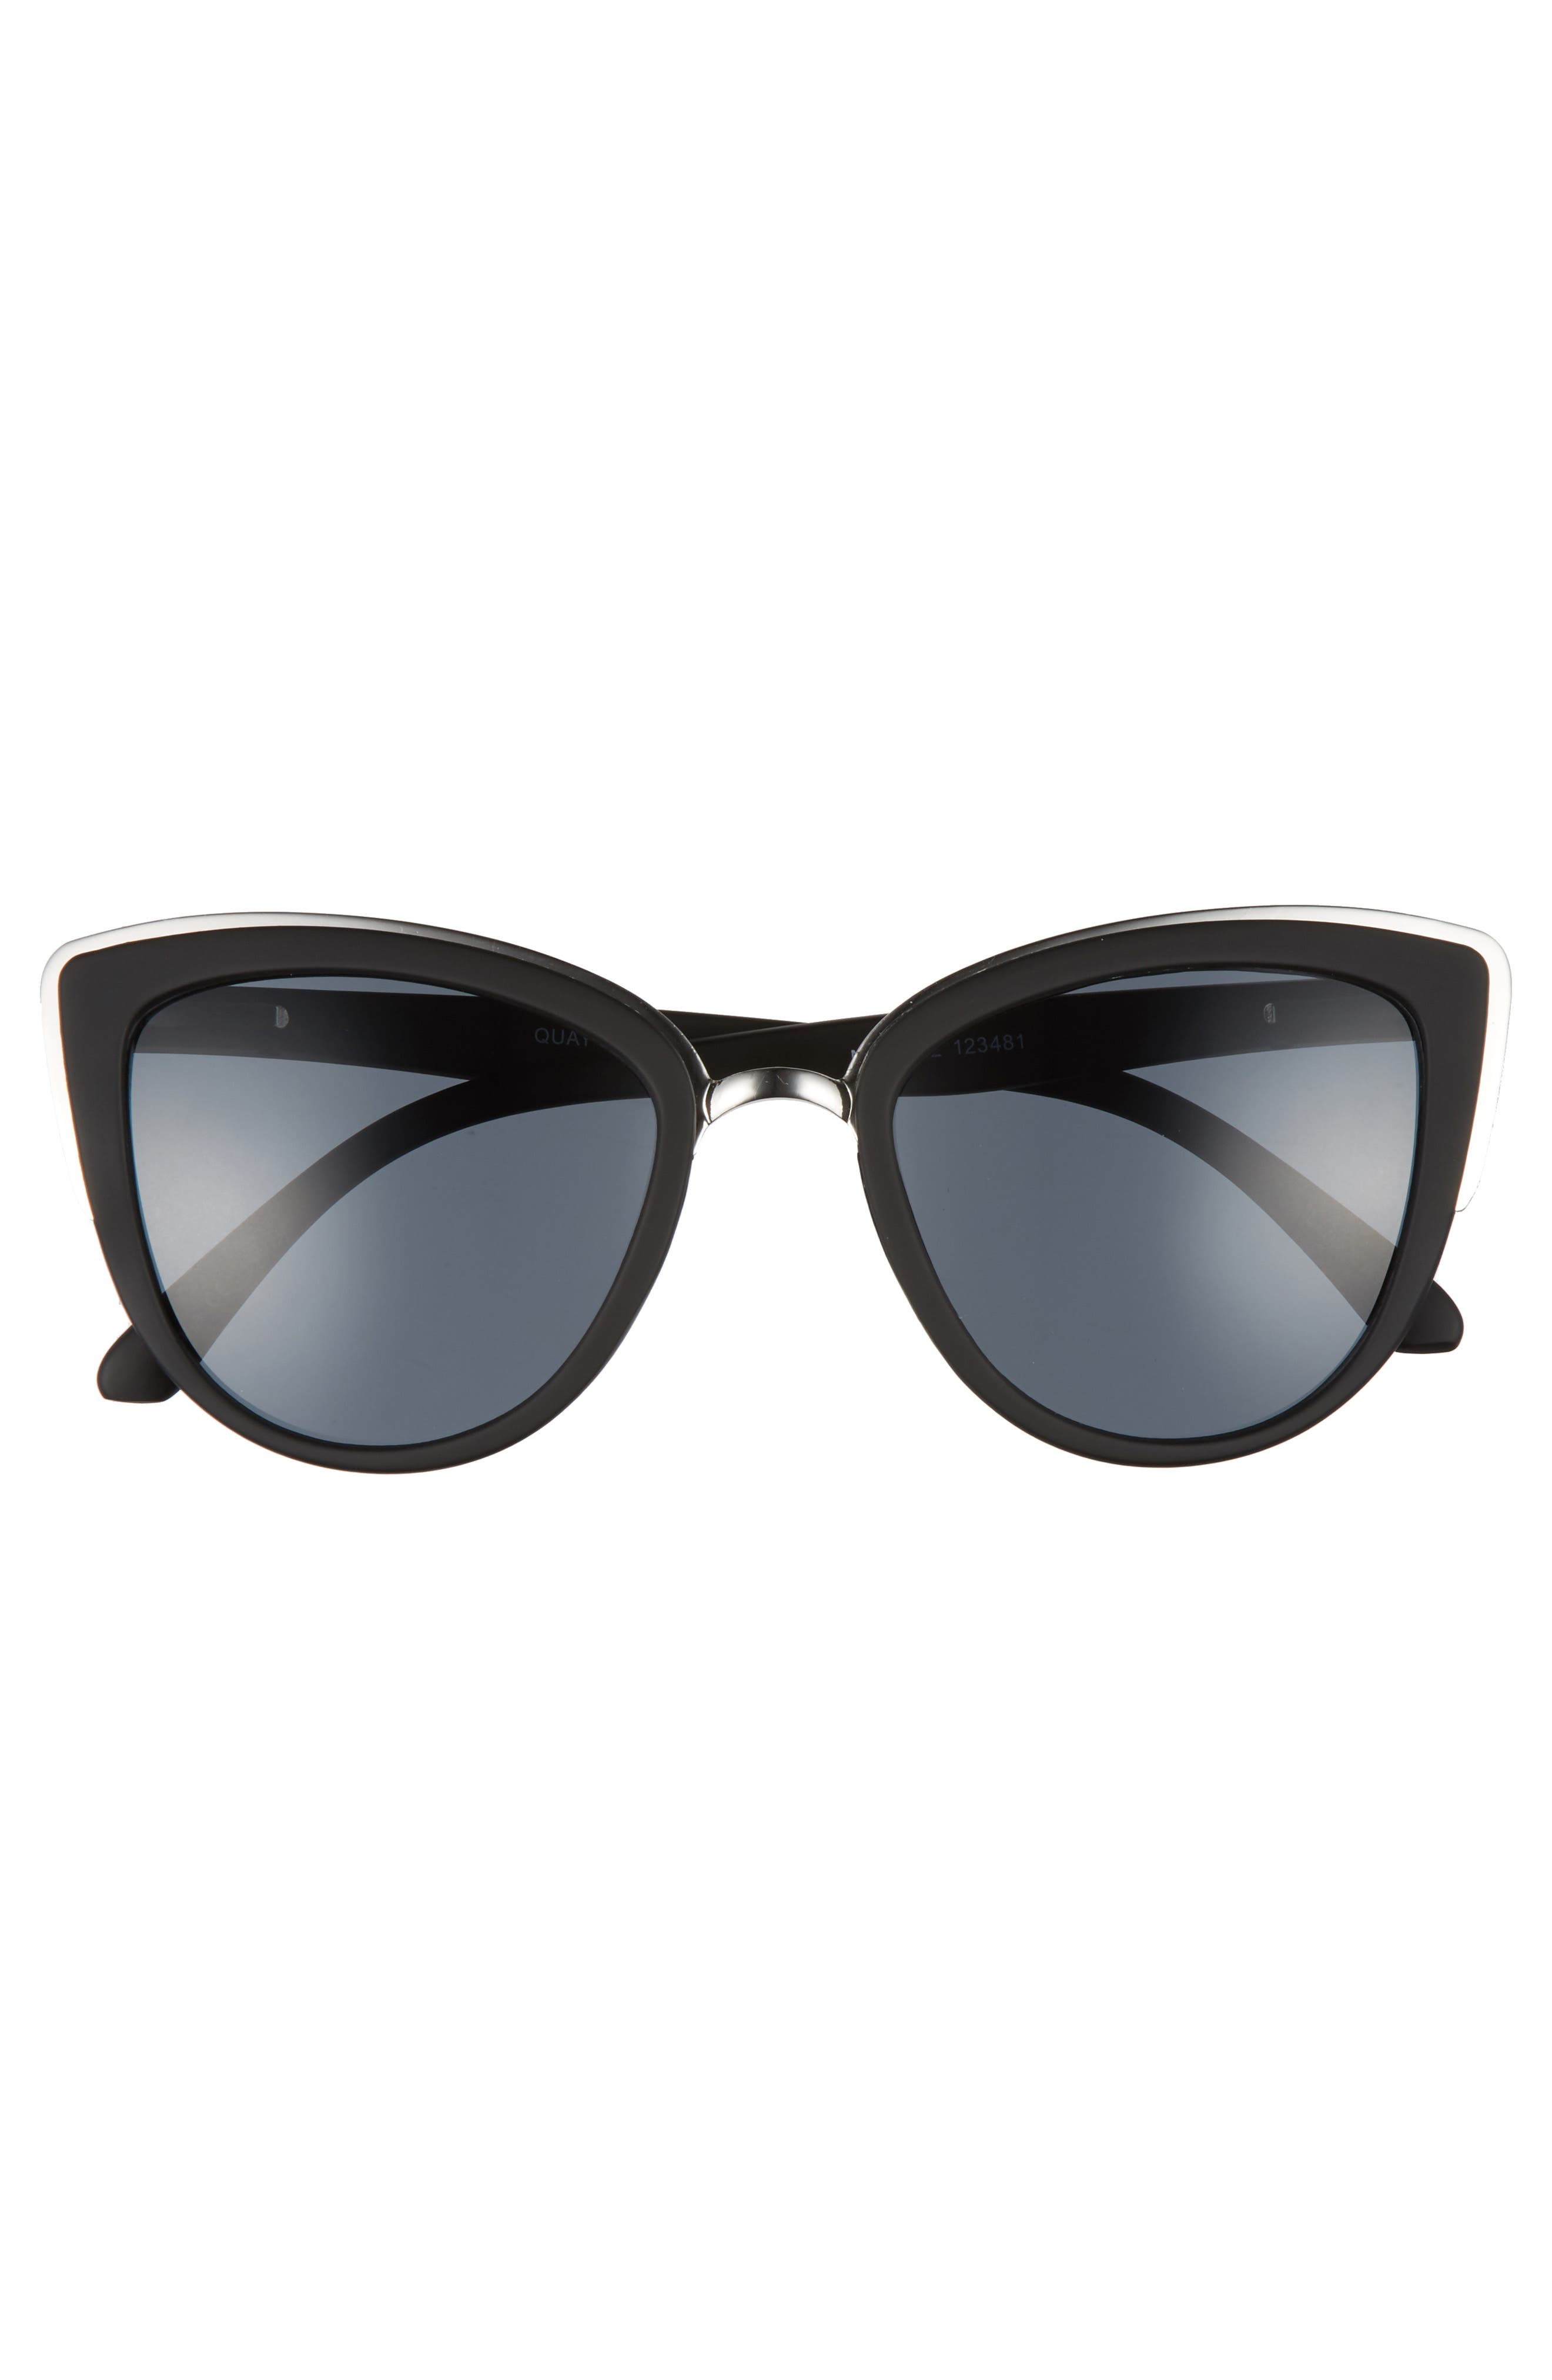 'My Girl' 50mm Cat Eye Sunglasses,                             Alternate thumbnail 4, color,                             Black/ Smoke Lens